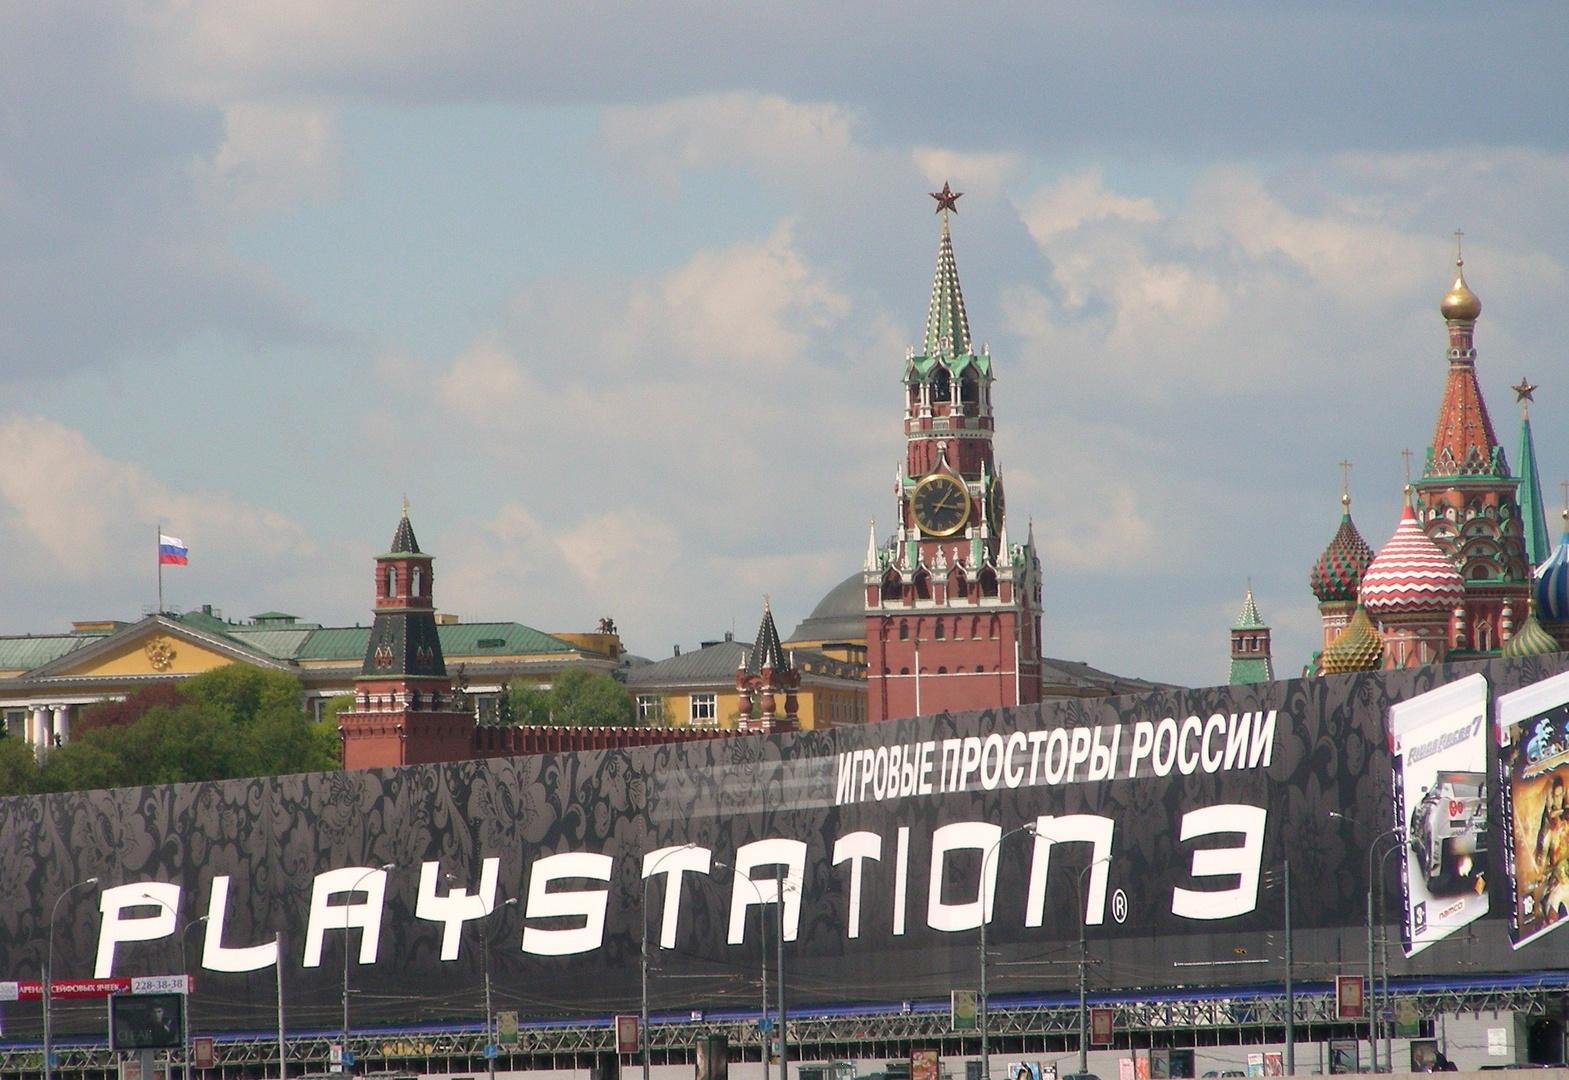 Moskau, eine schöne Stadt ... .